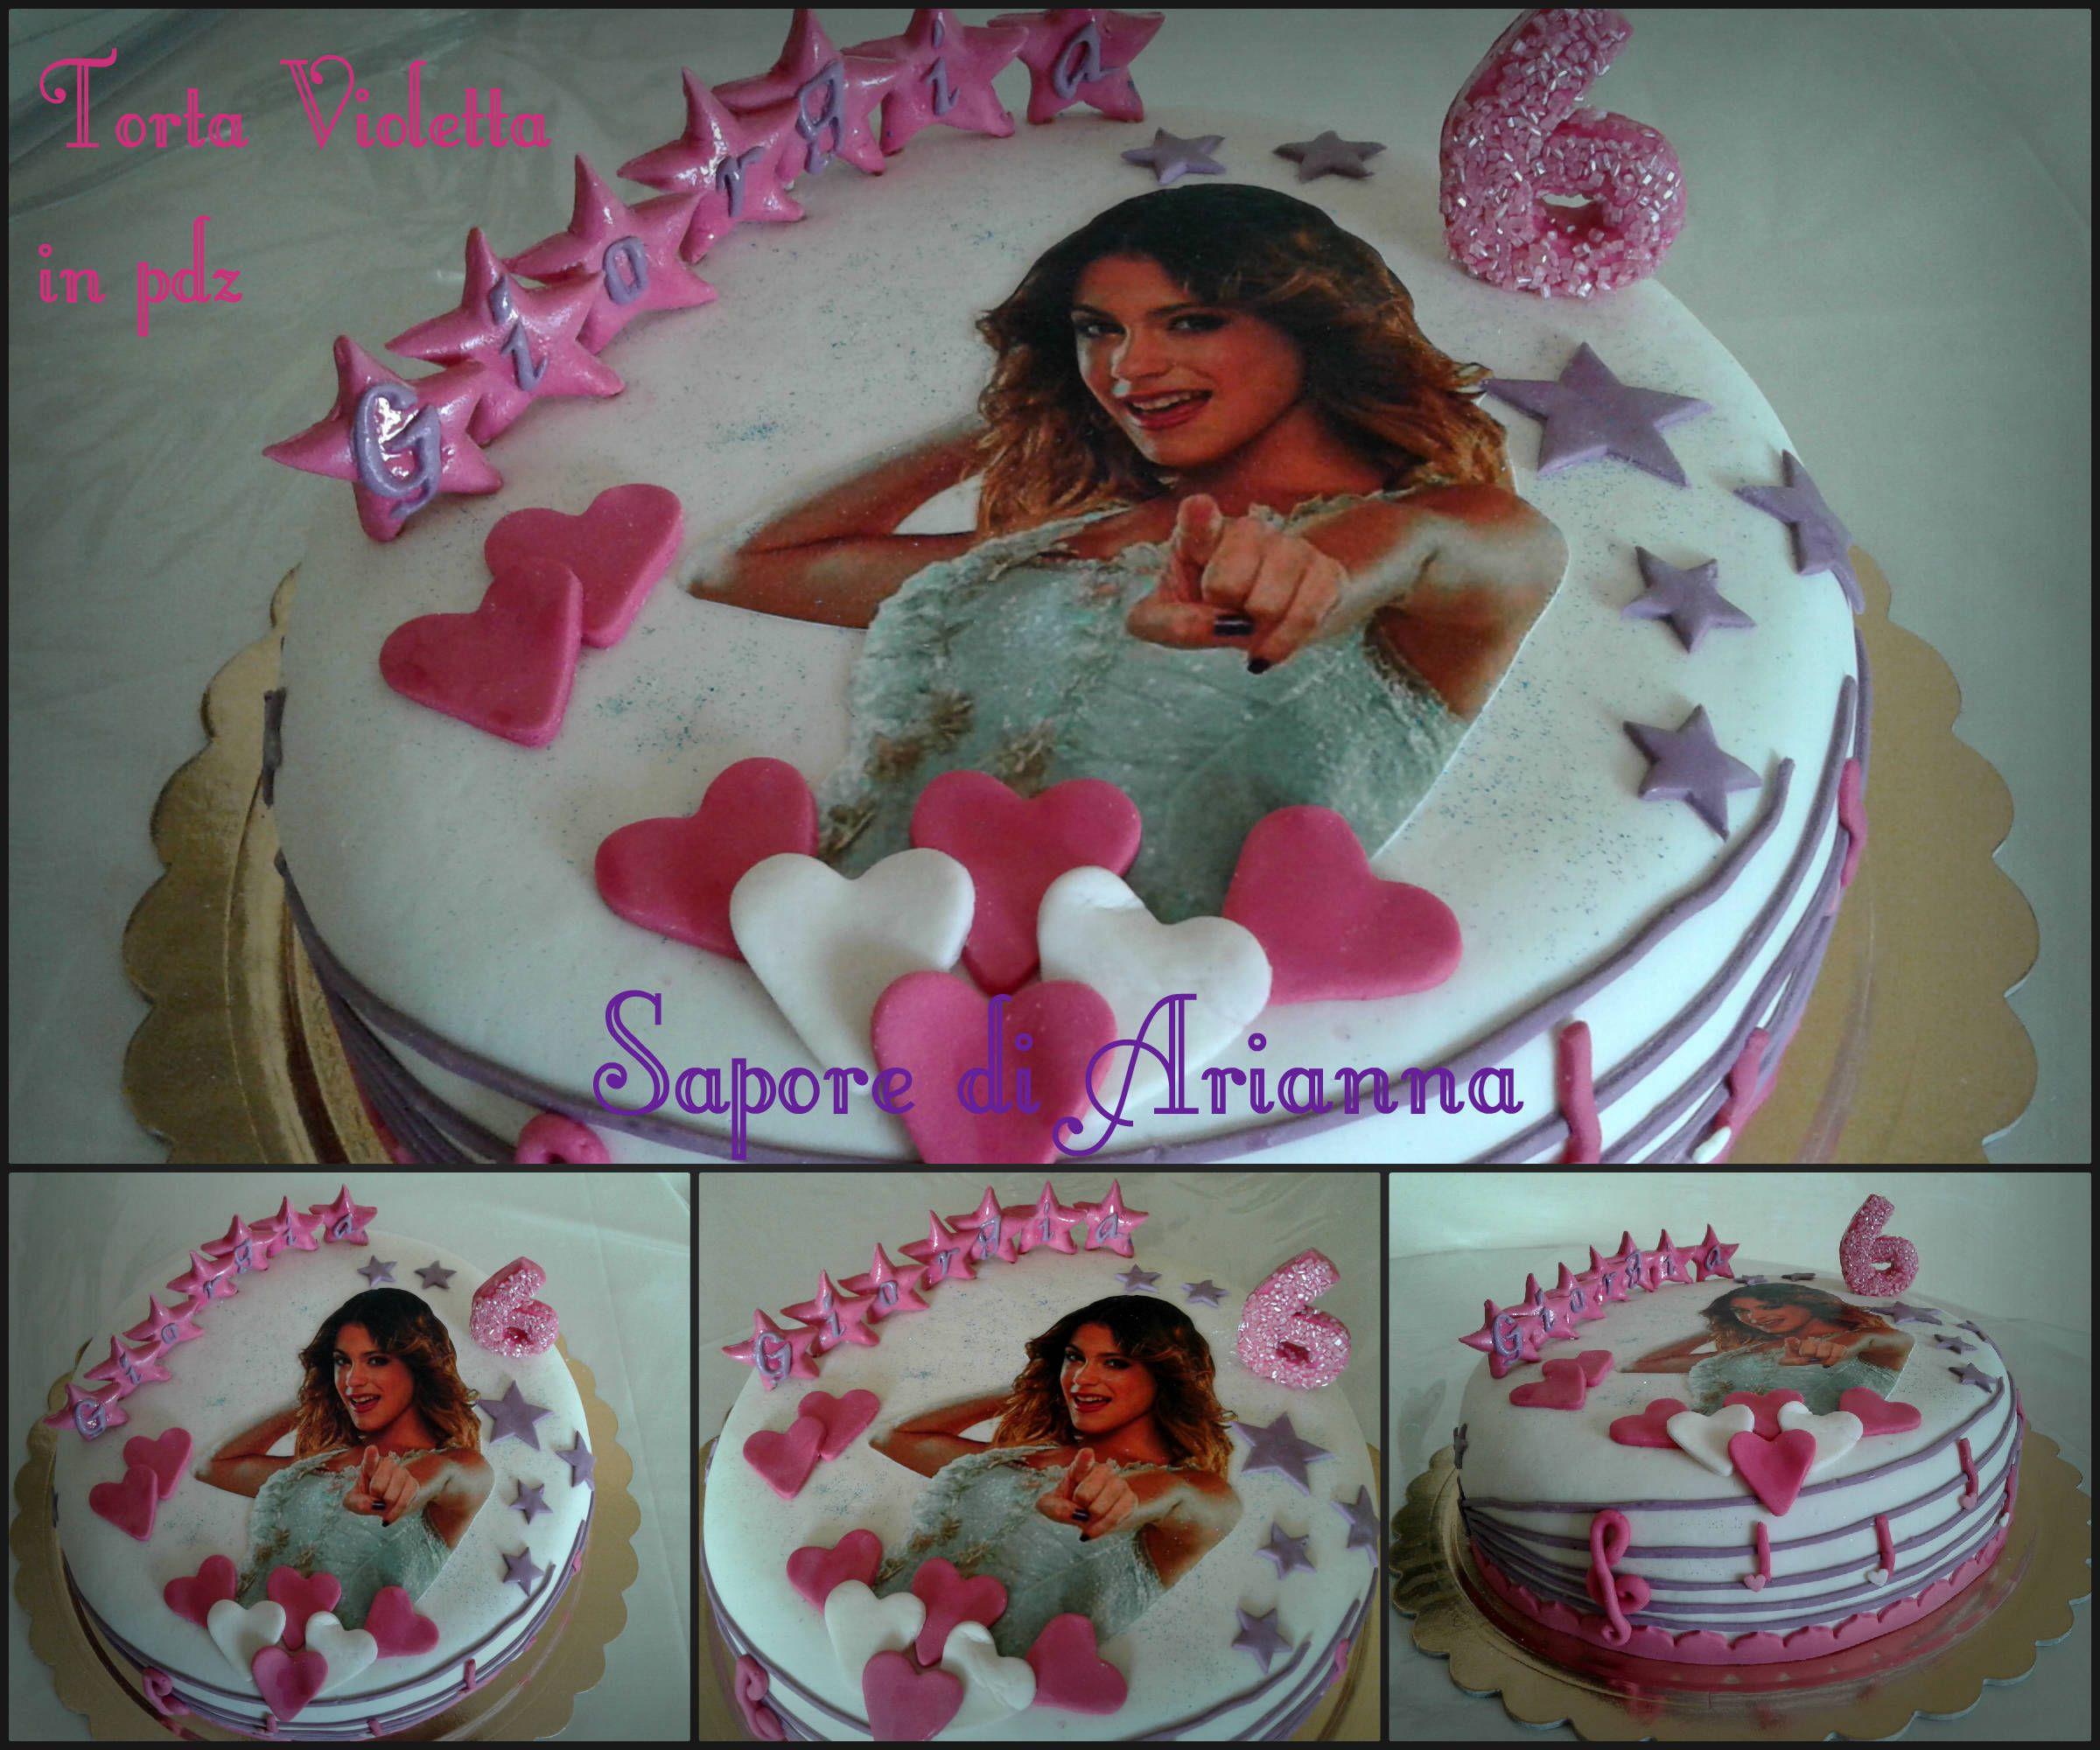 Torta Compleanno Violetta.Torta Violetta In Pdz E Mmf Auguri Giorgia Torte Buon